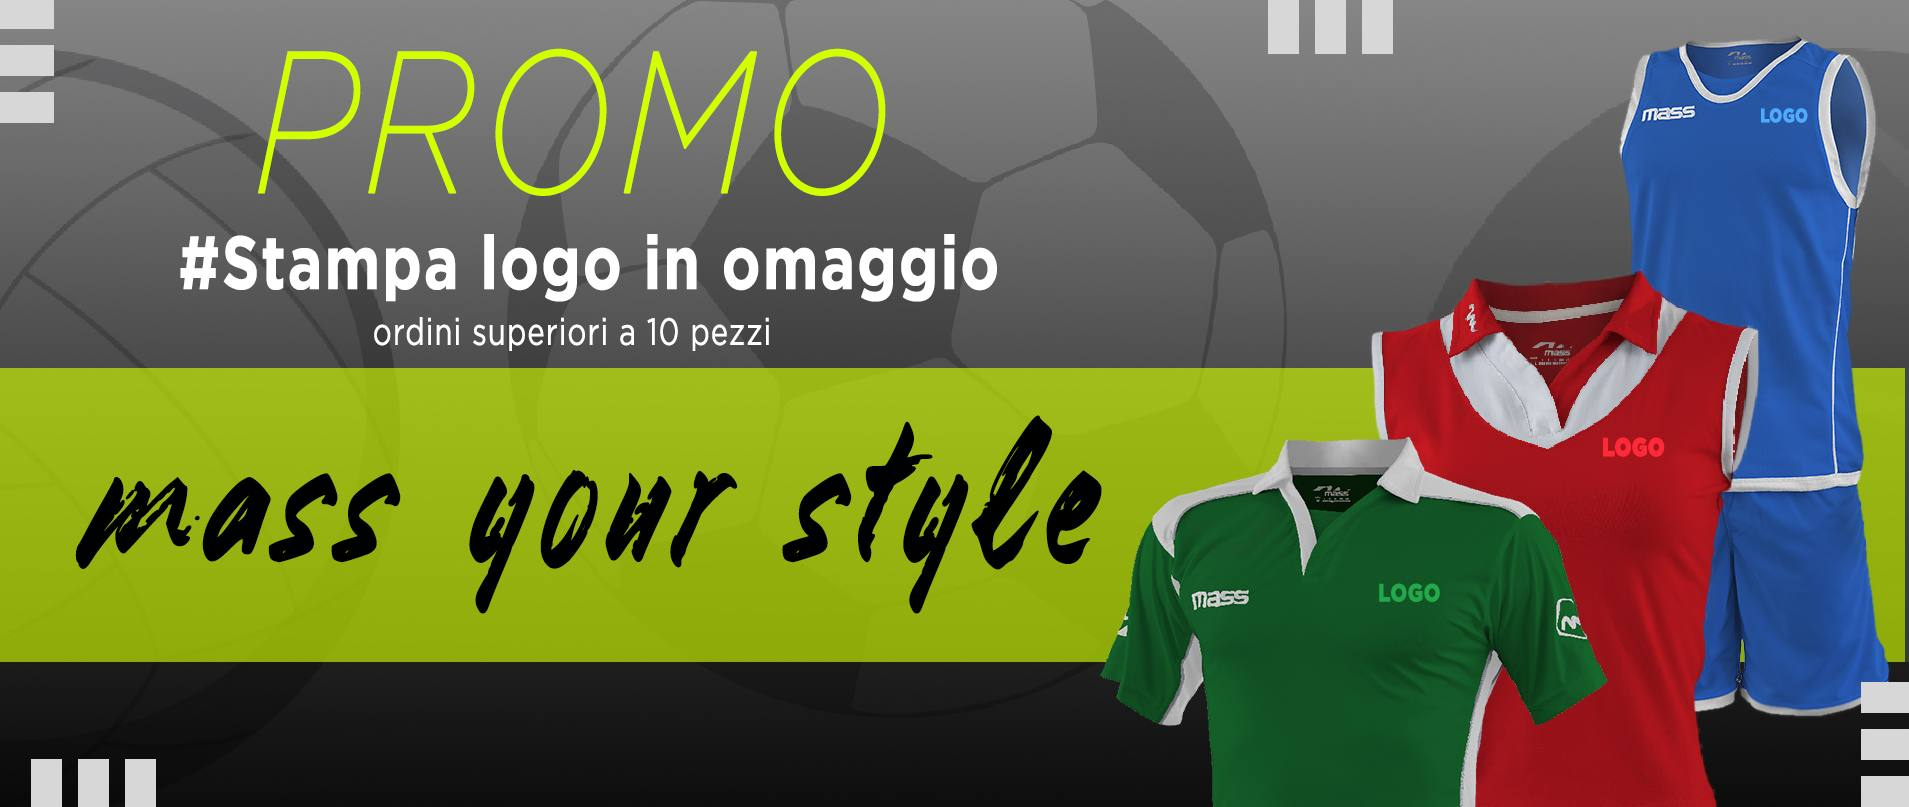 1555f6c54d2cd Vendita Abbigliamento Sportivo Online e Sponsor Tecnico